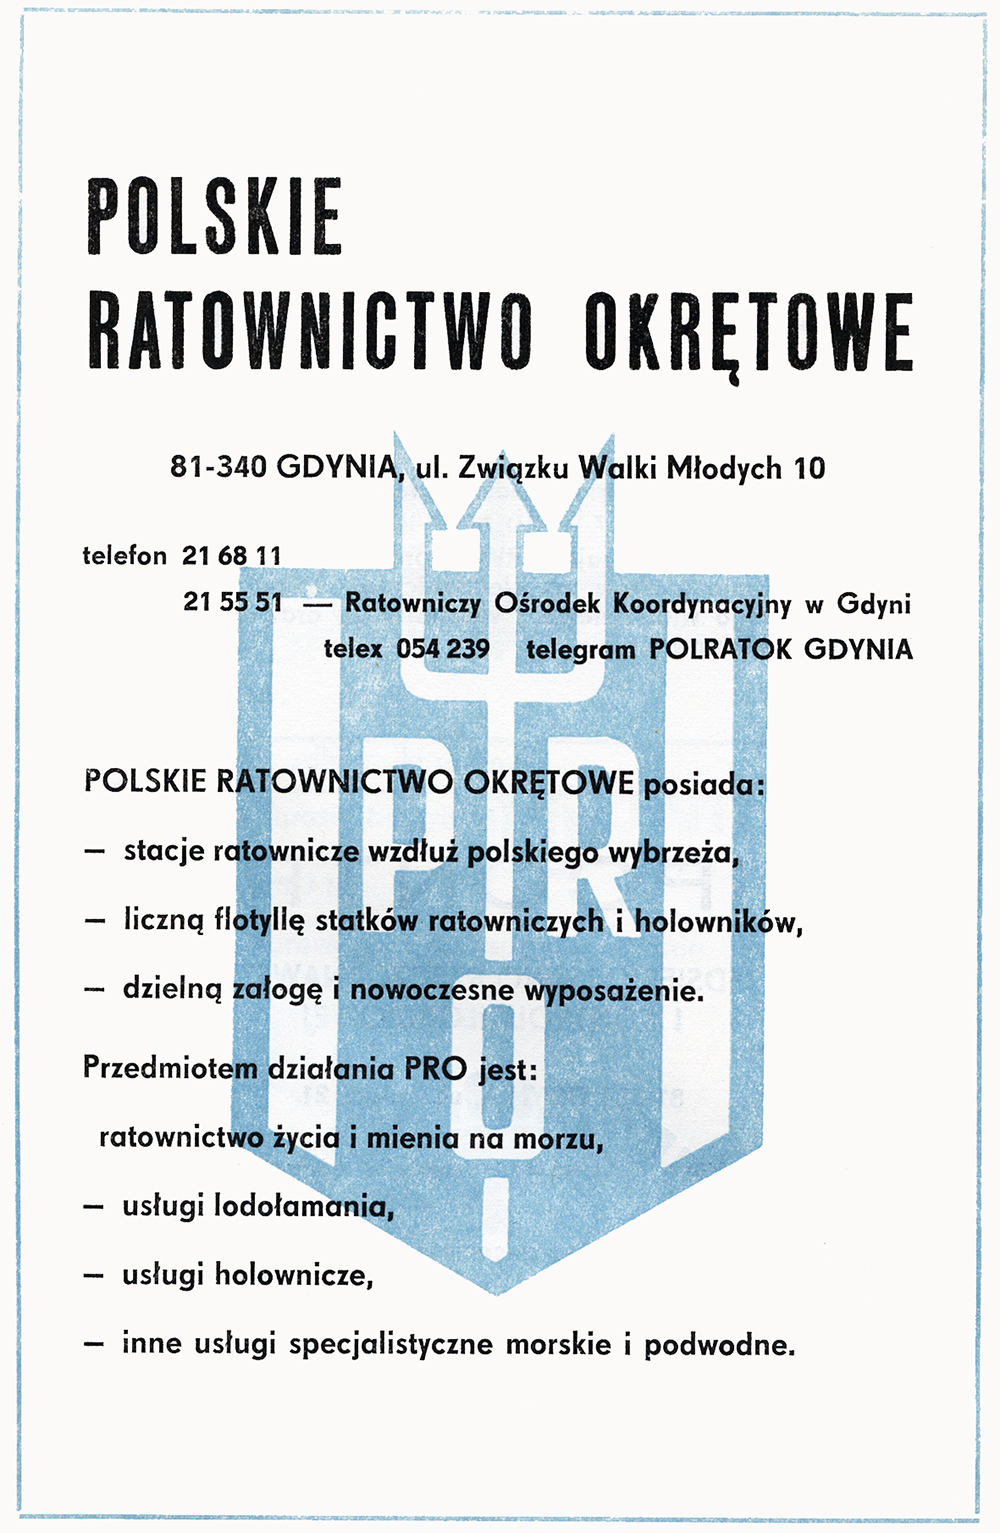 POLSKIE RATOWNICTWO OKRĘTOWE